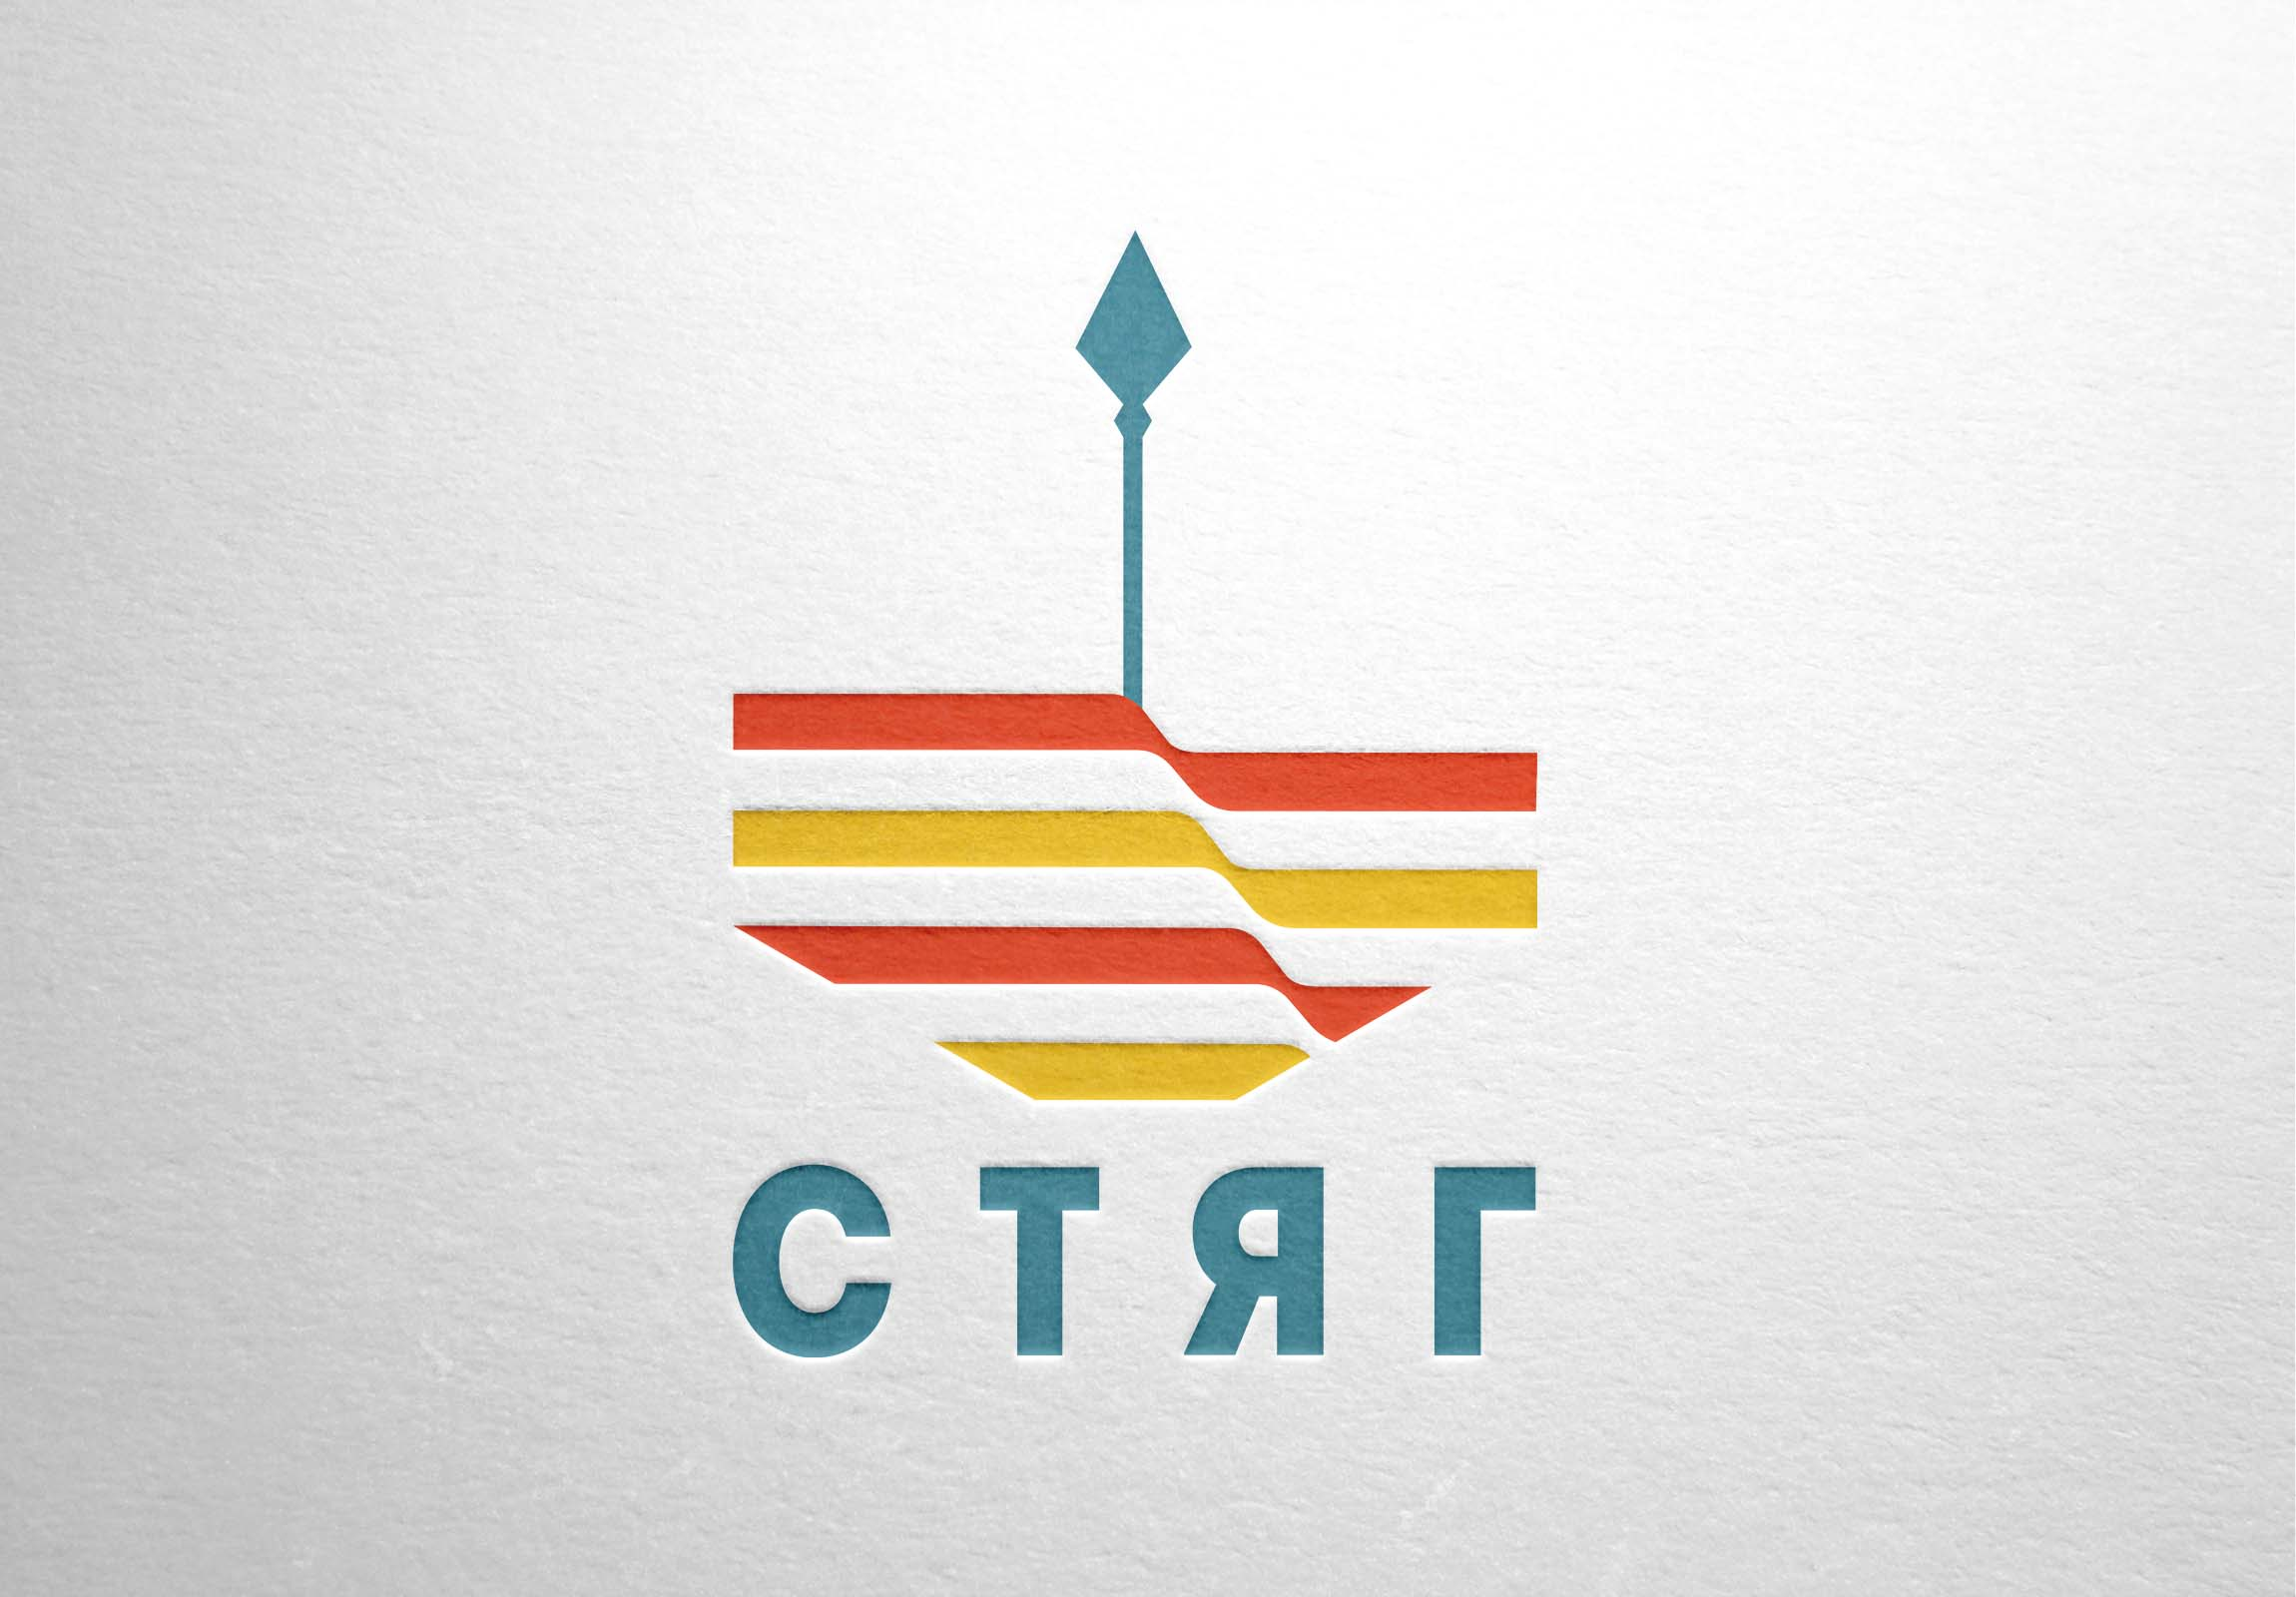 Разработка названия бренда + логотип фото f_41358ff2a00cbbd4.jpg